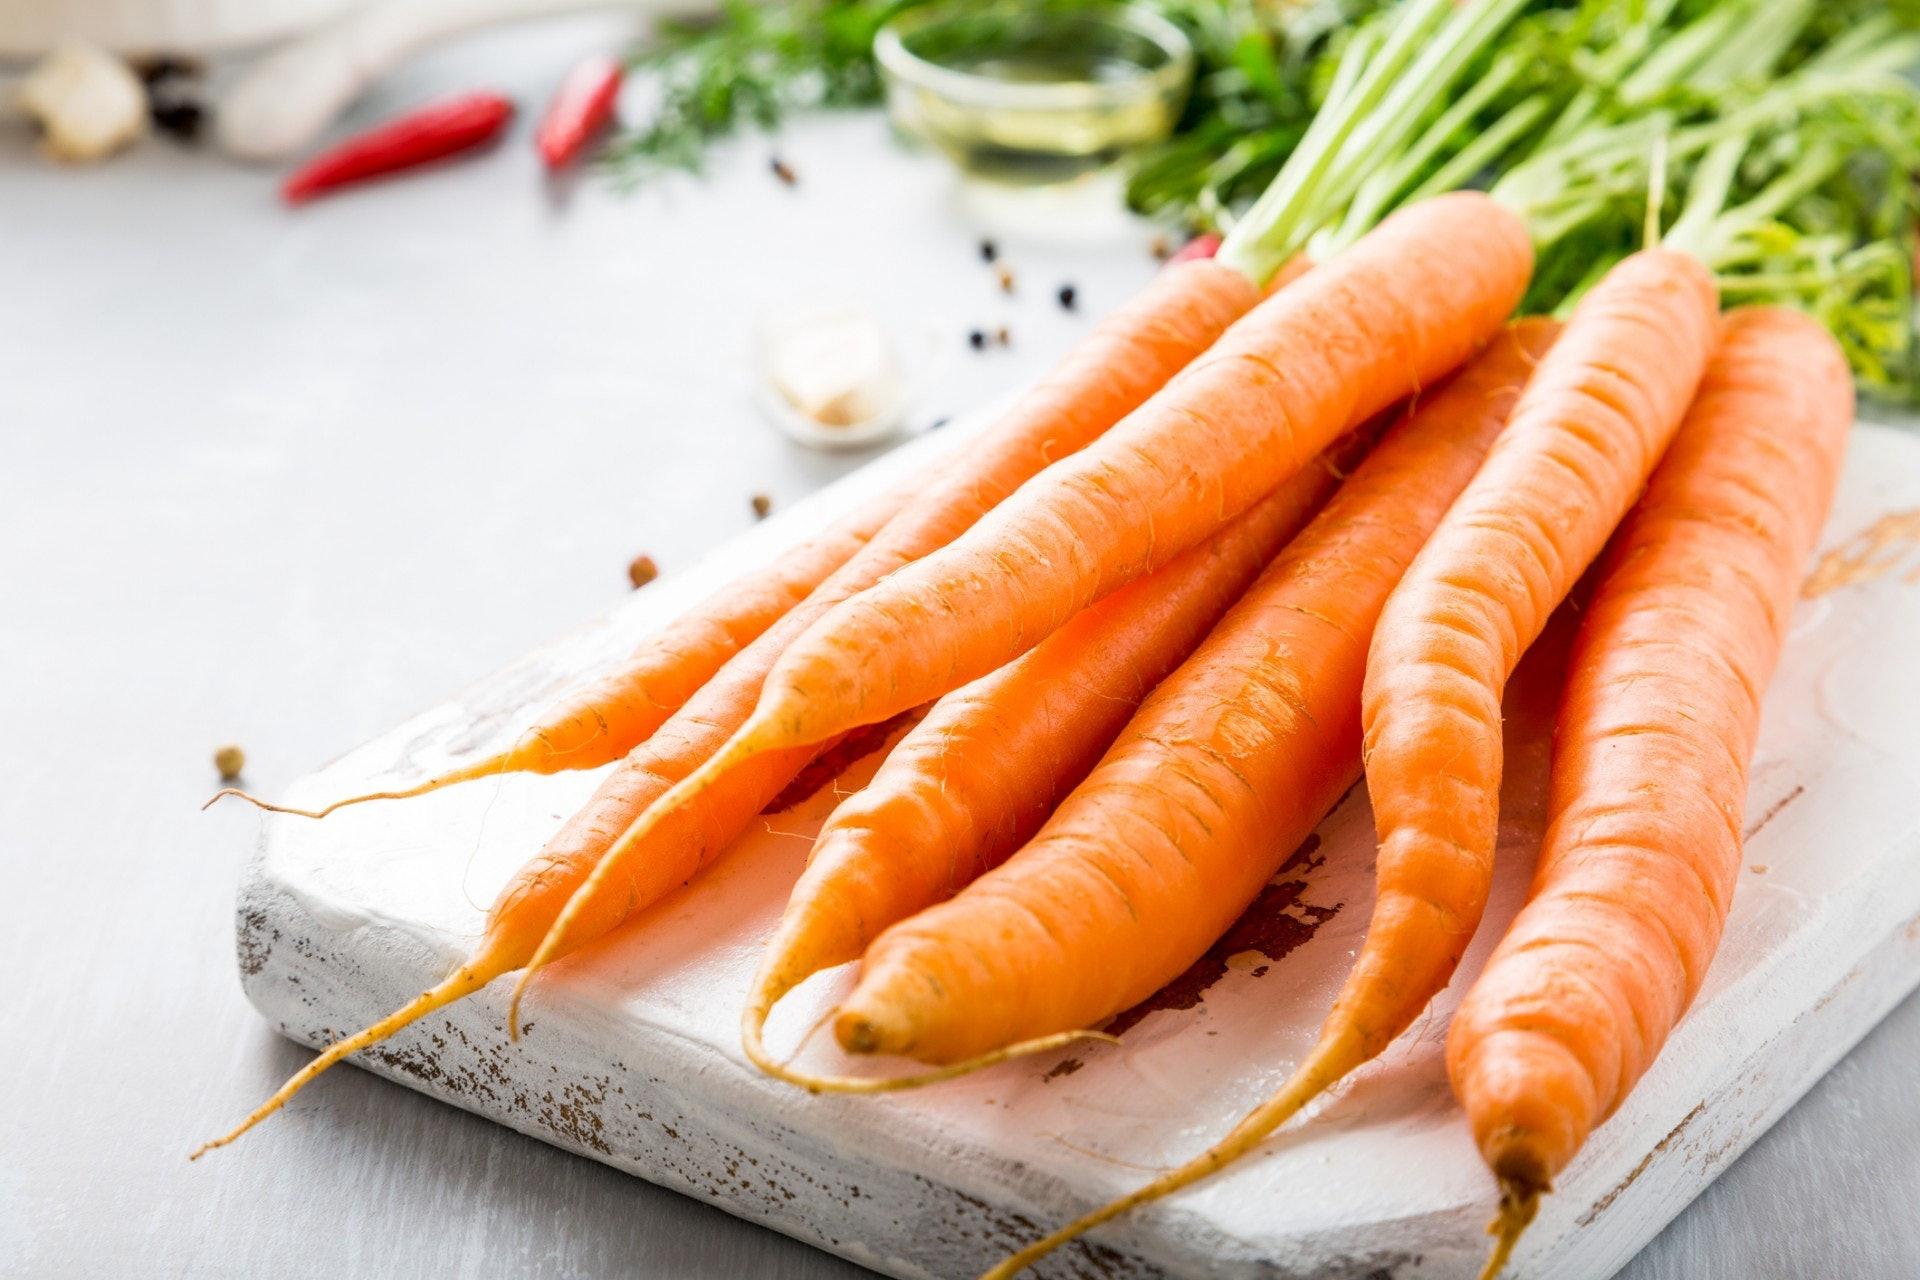 紅蘿蔔營養】紅蘿蔔4大好處日本醫學博士教2種食法吸收高9倍!|香港01|教煮